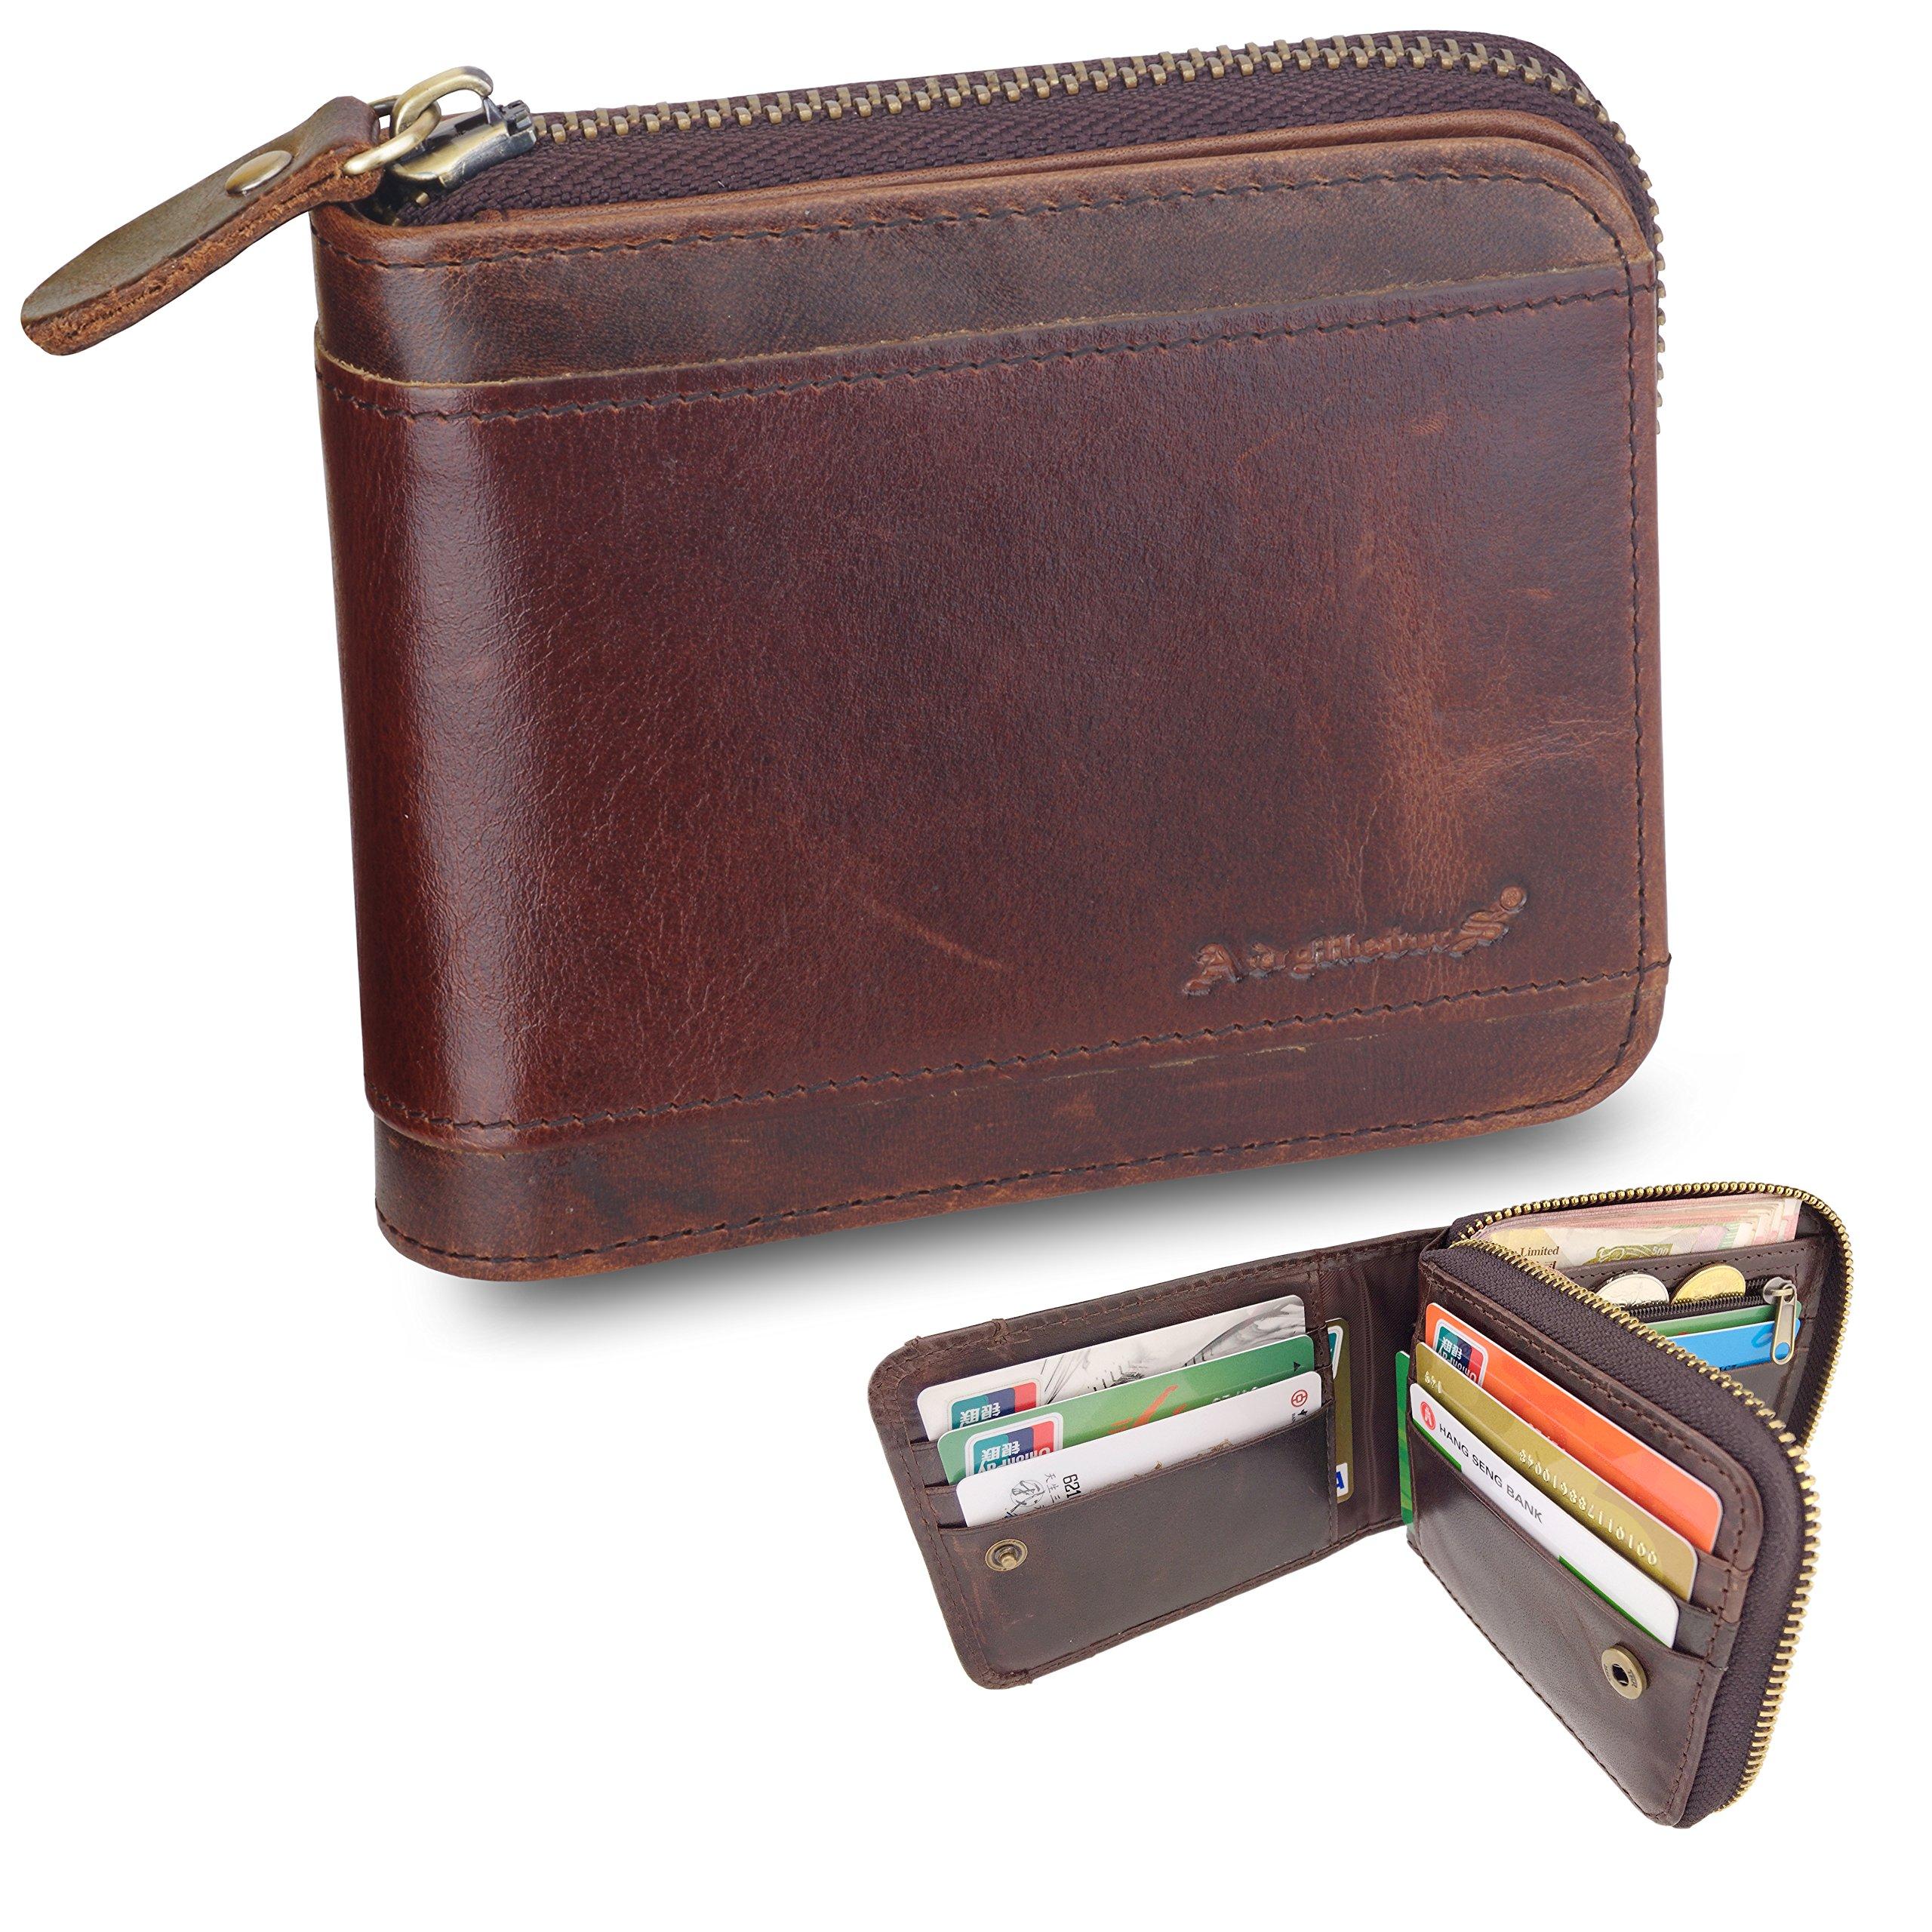 Admetus Men gifts Genuine Leather Short Zip Cowhide Wallet credit card ID Purses 10